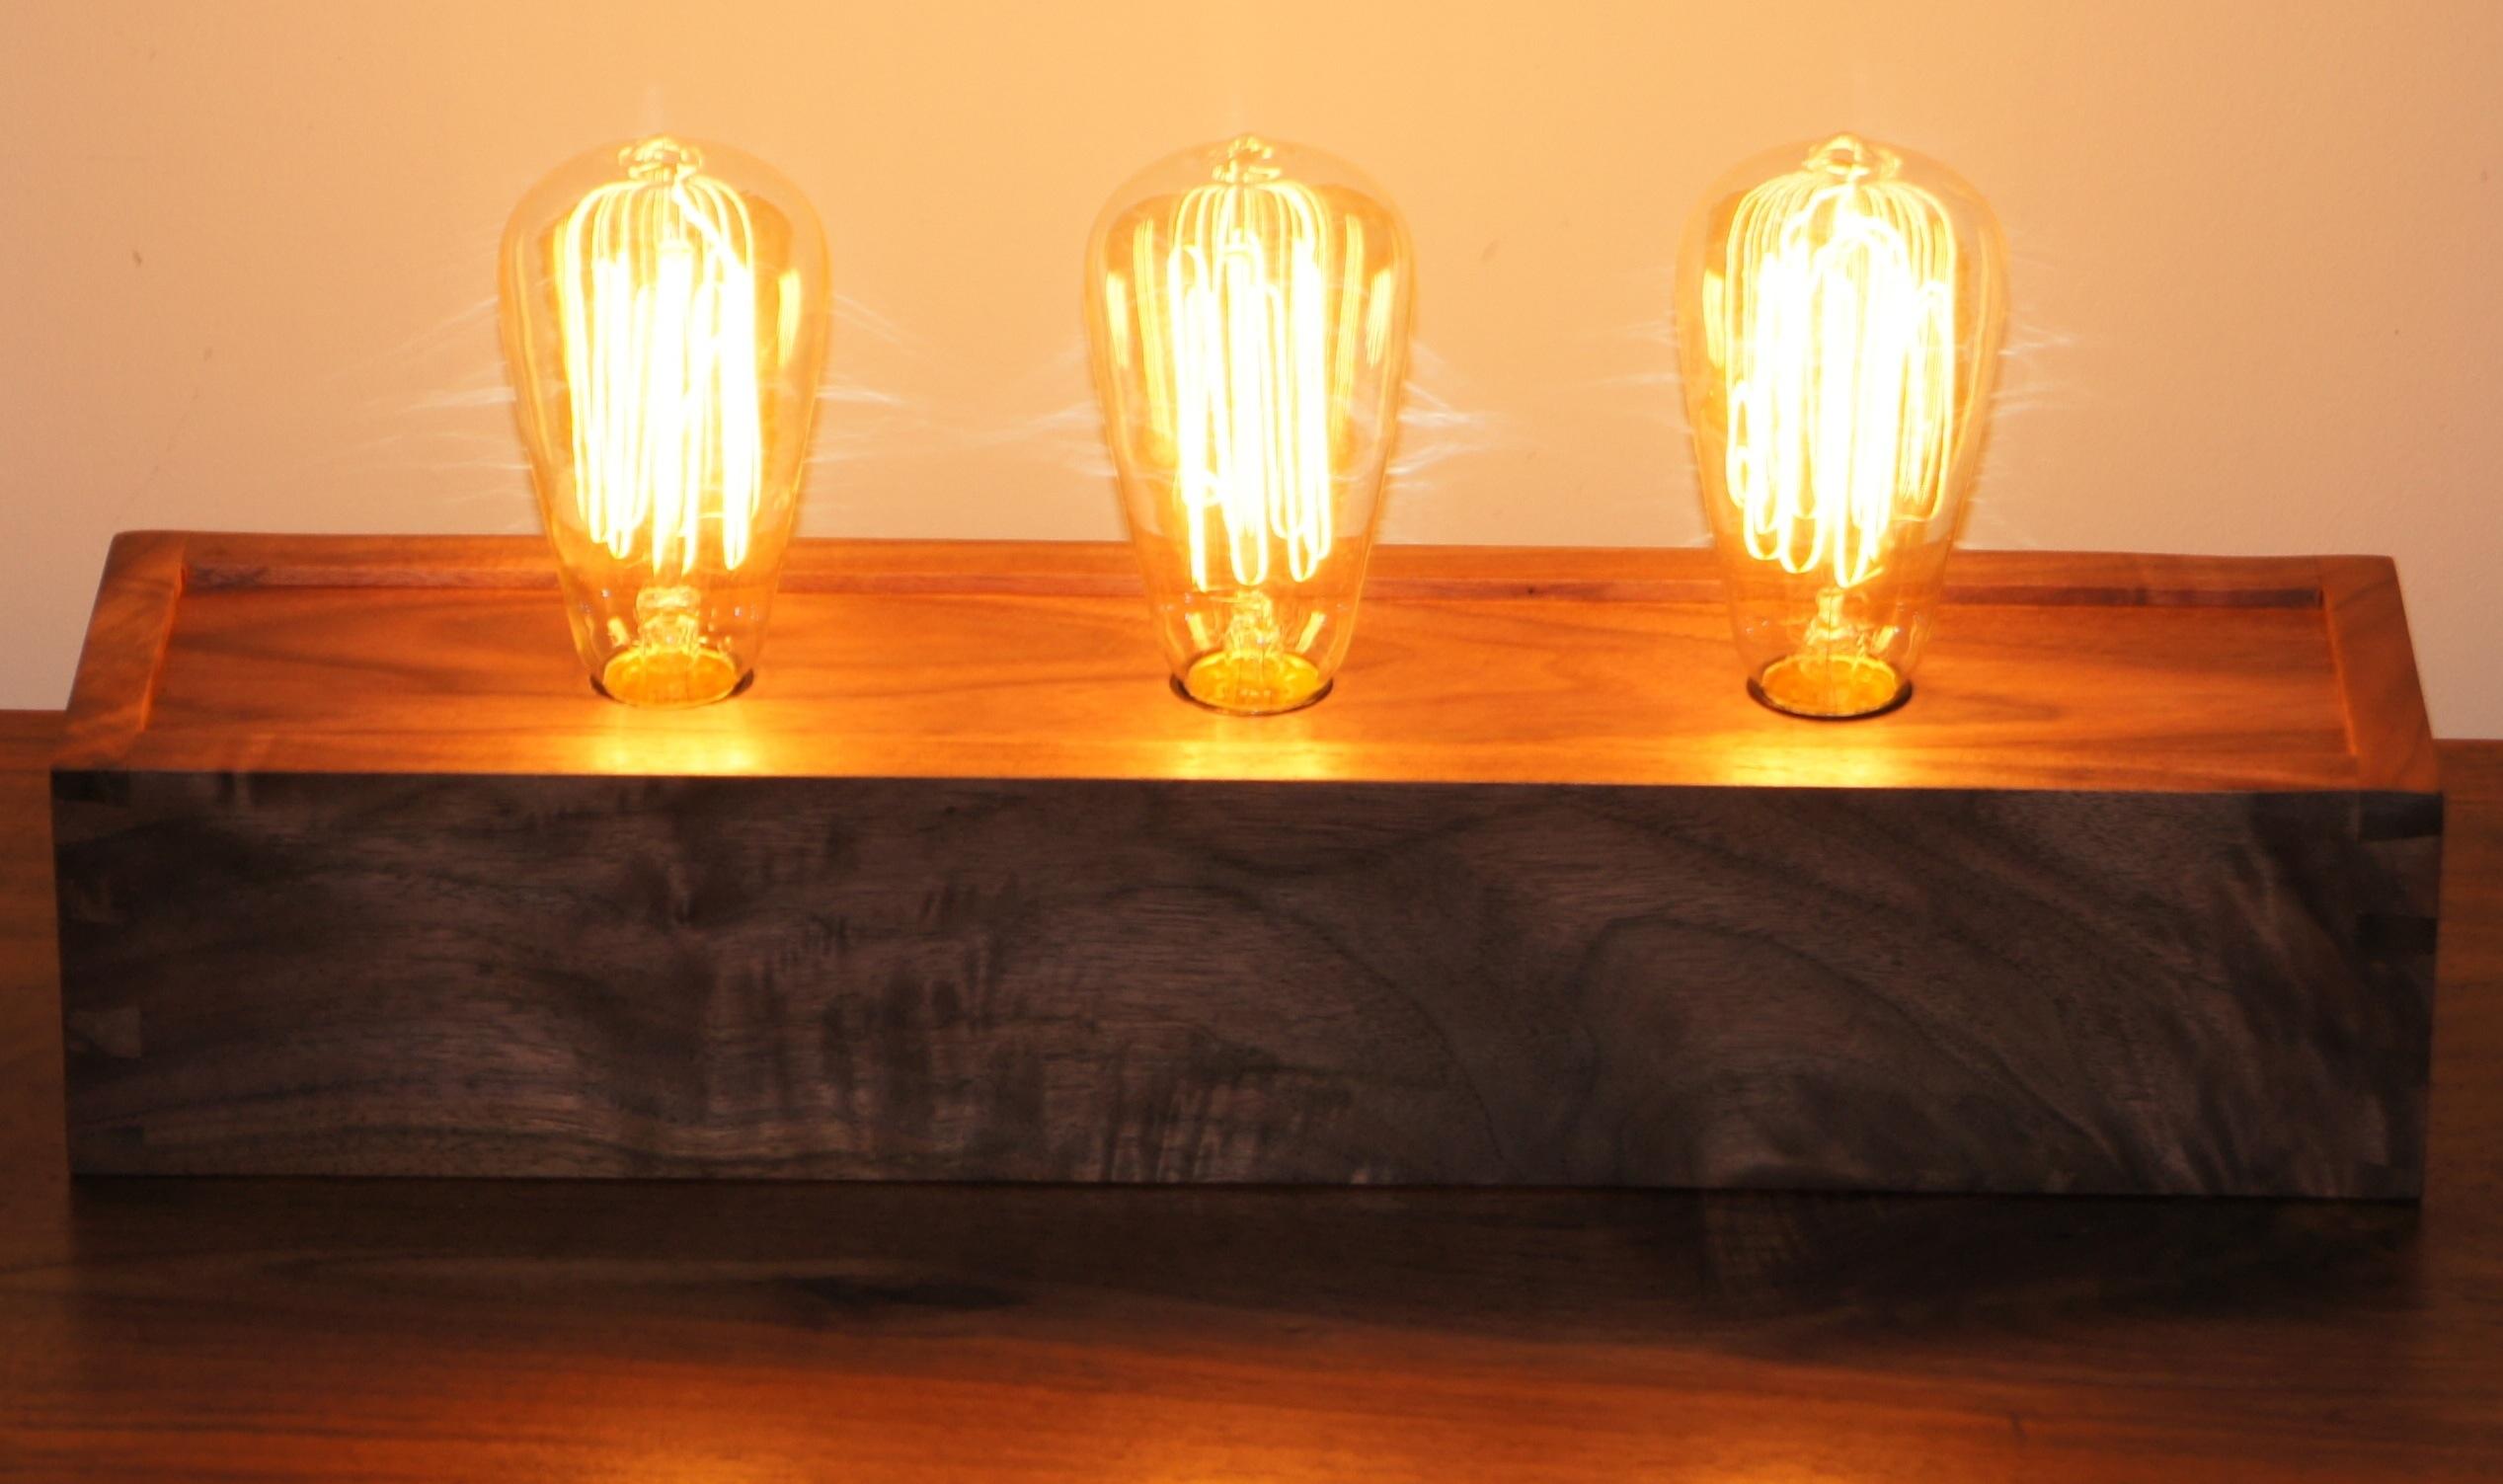 Table lamp vs desk lamp - Edison Style Light Bulb Nostalgic Vintage Light Bulbs